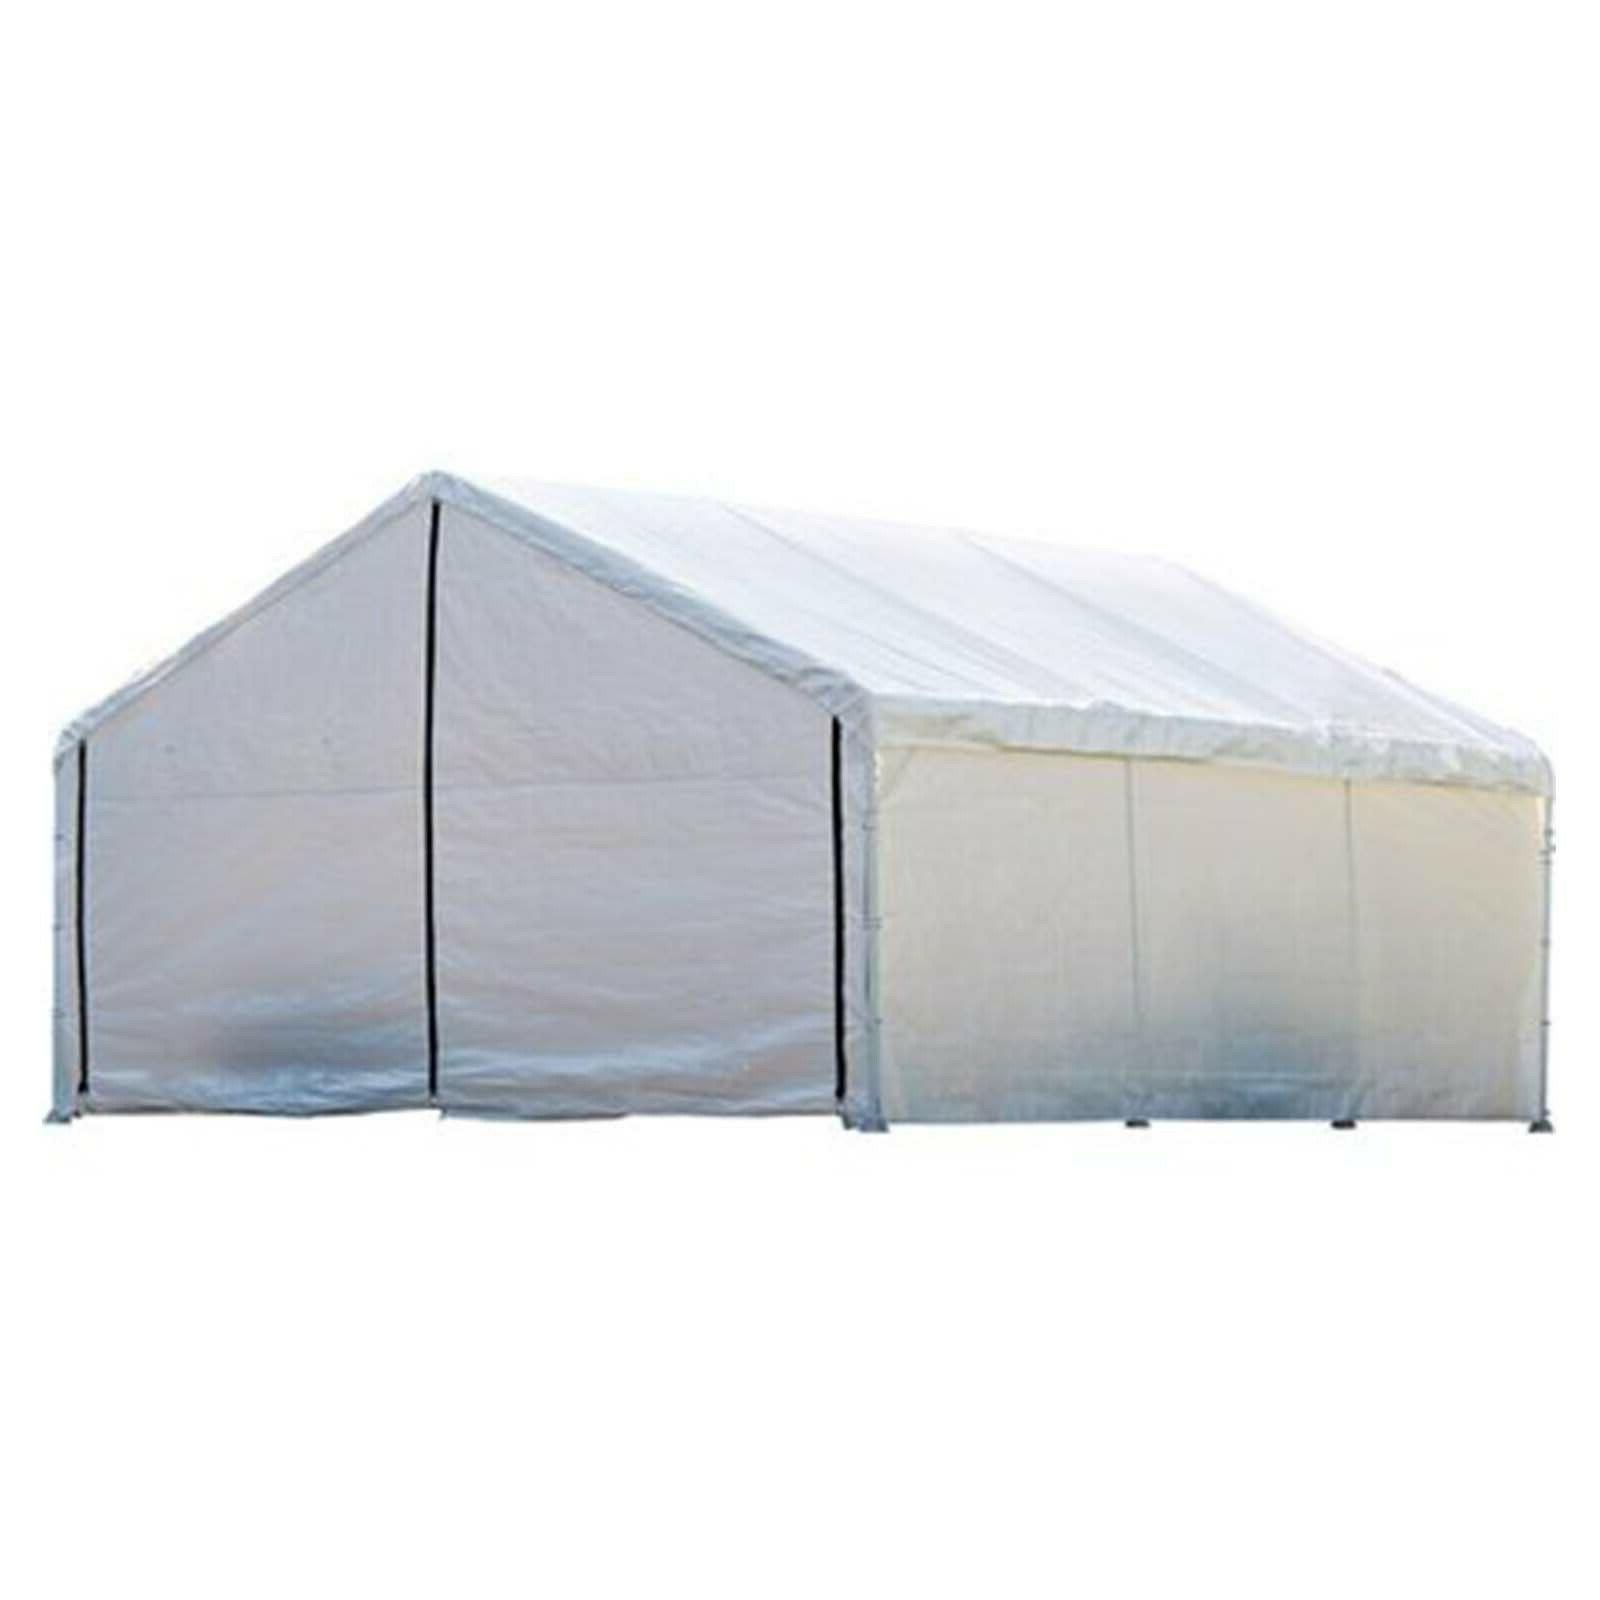 Canopy 12x30' Shelter UV Garage